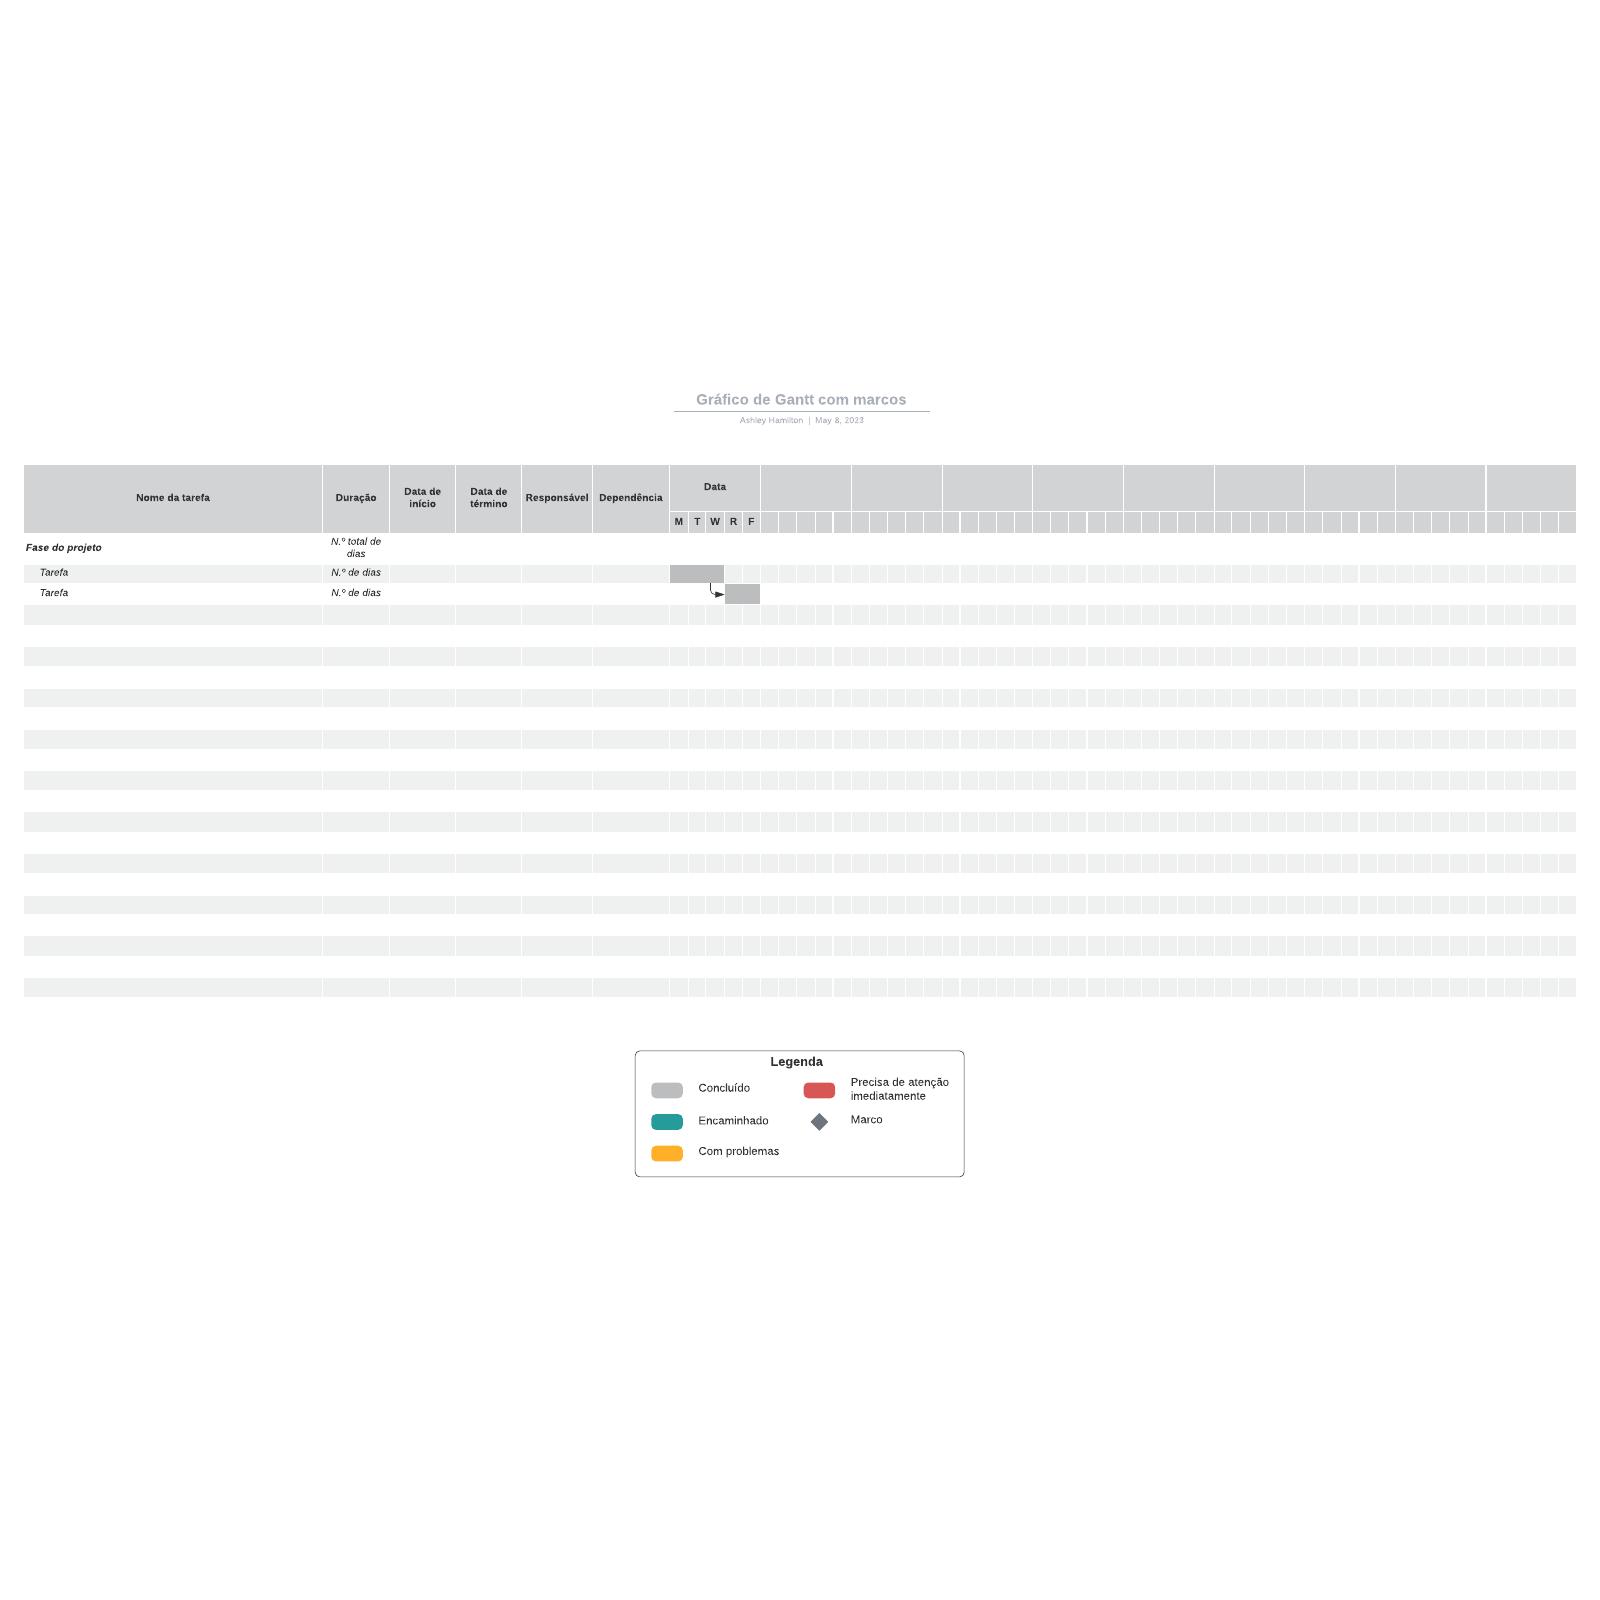 Gráfico de Gantt com marcos